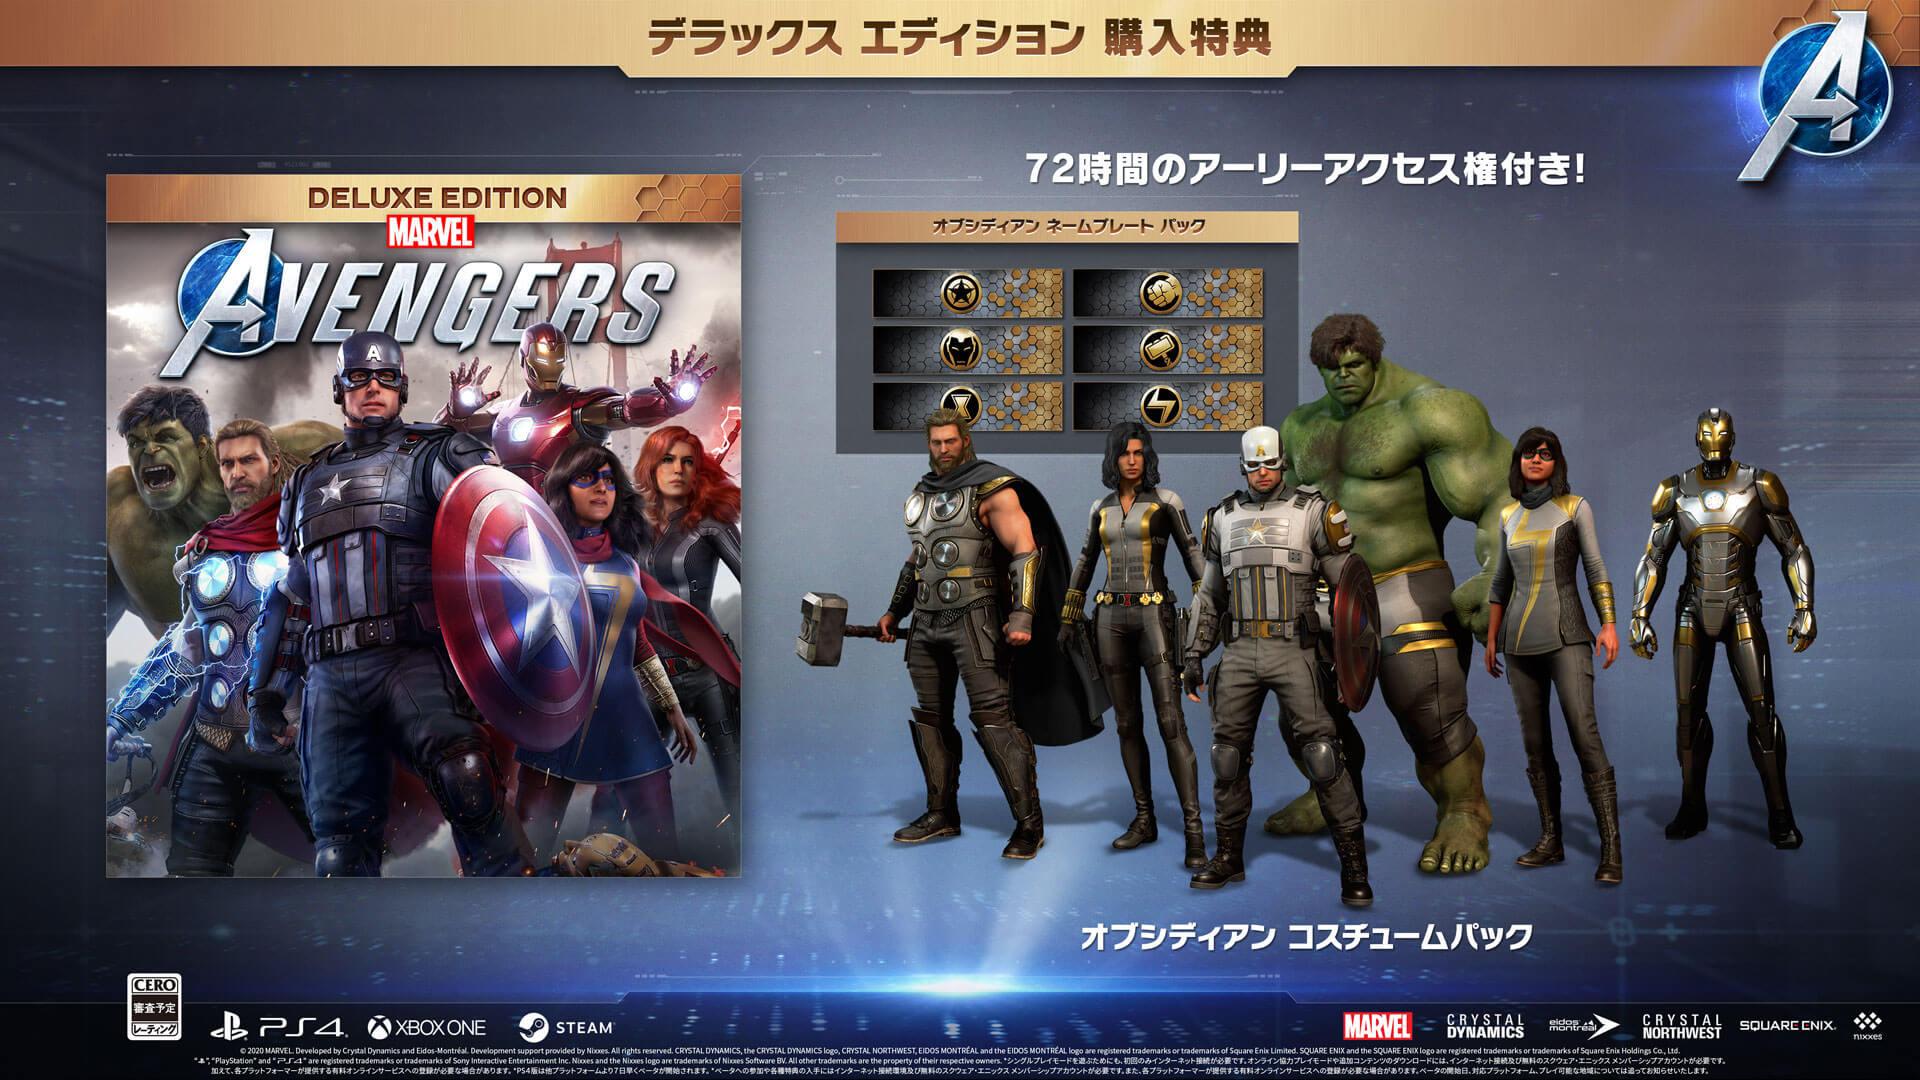 アベンジャーズ、ゲームでアッセンブル!『Marvel's Avengers』がついに予約受付開始&最新トレーラーも解禁 tech200417_avengers_game_6